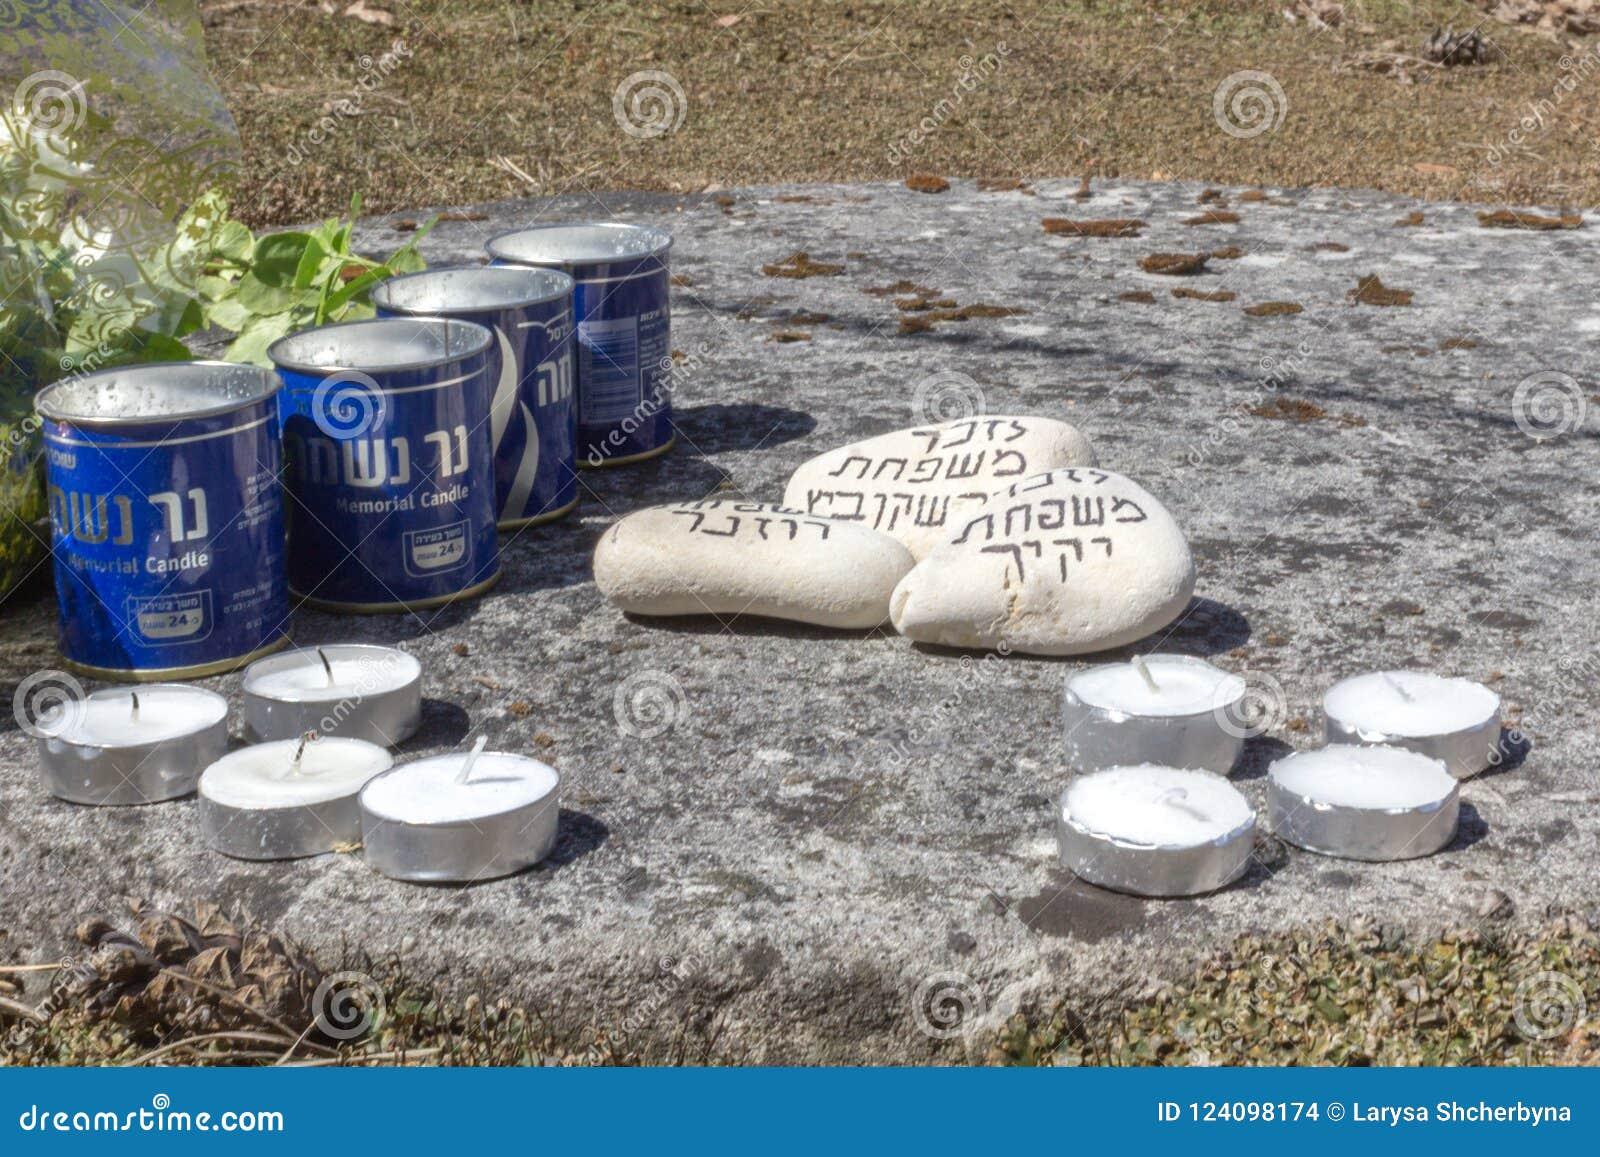 Geheugen van de slachtoffers van de volkerenmoord in het concentratiekamp van auschwitz-Birkenau